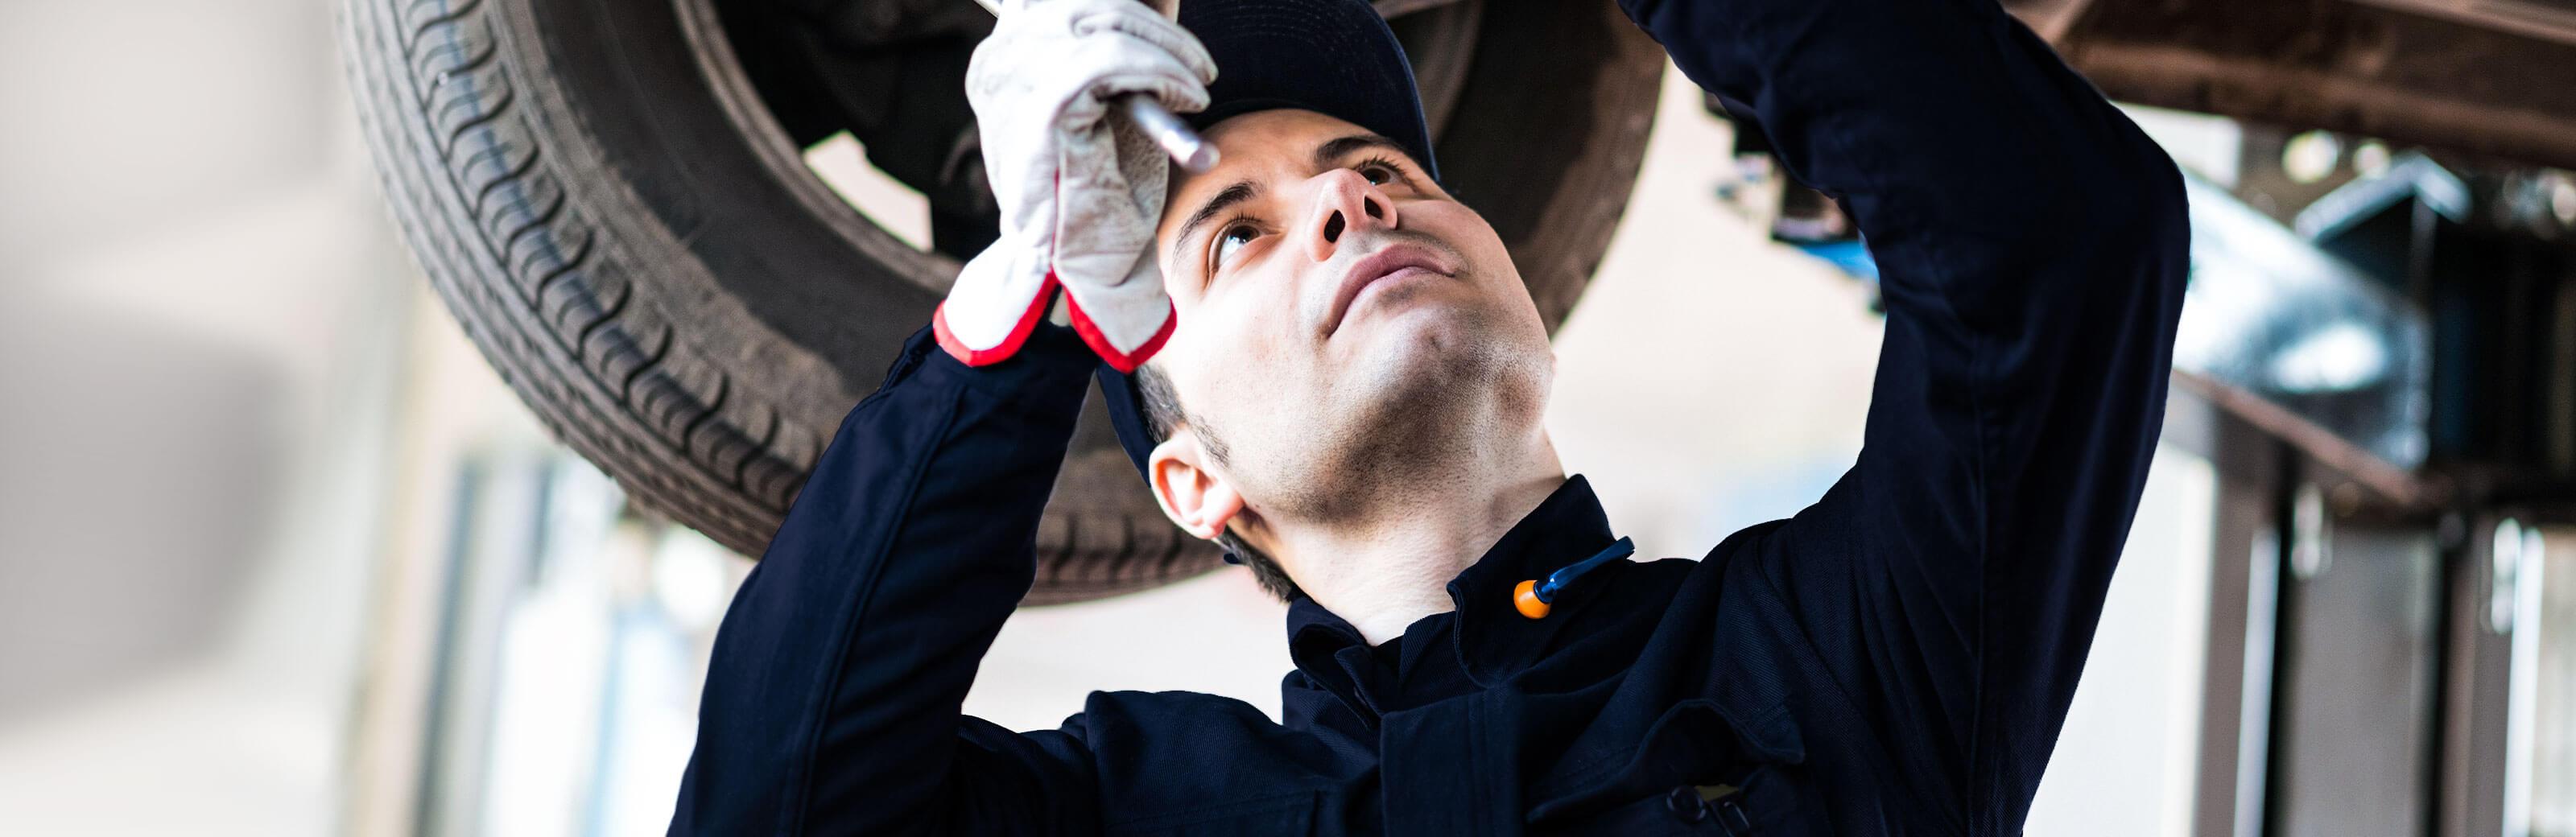 Towbar servicing banner image